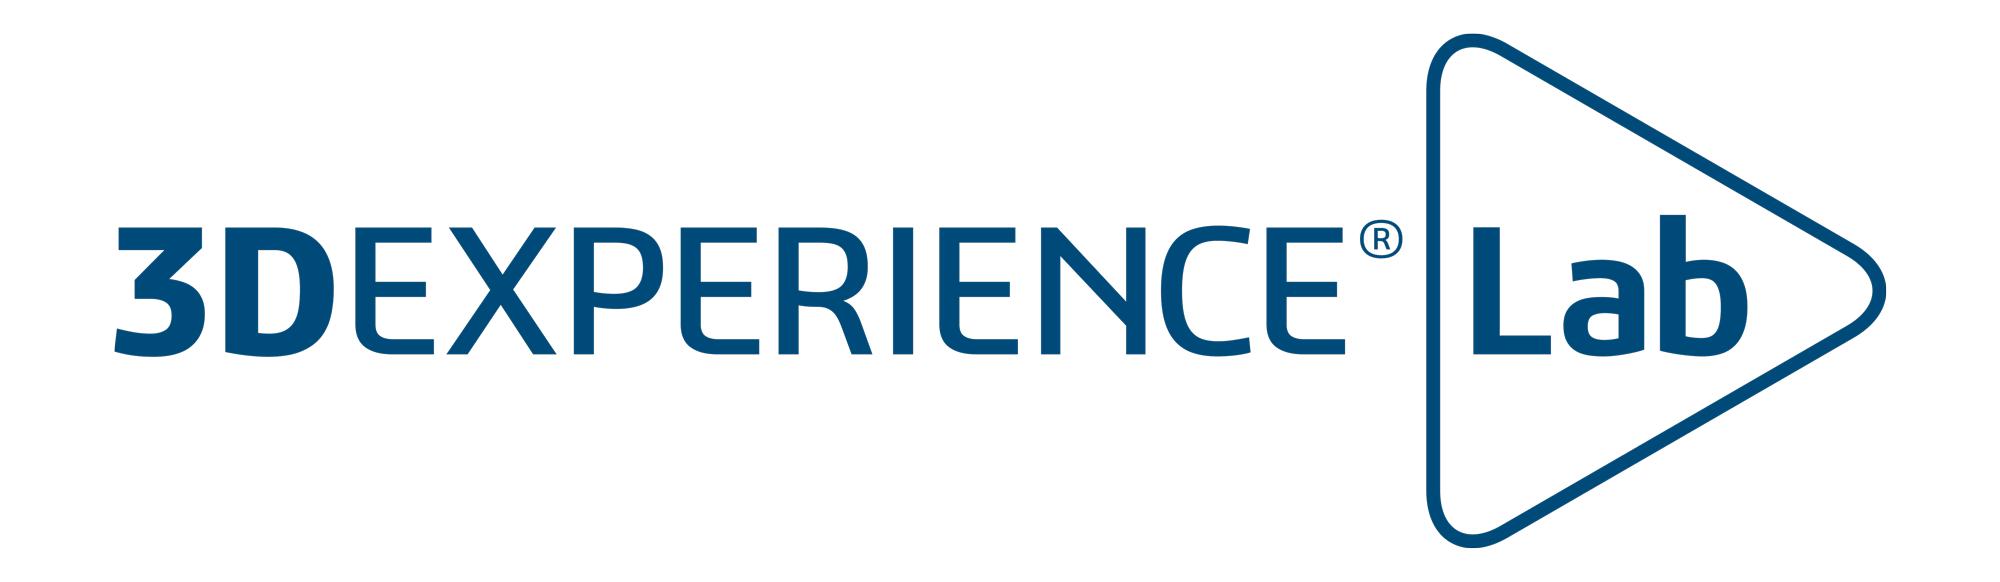 Accélérateur startups - OUTSCALE for Entrepreneurs - 3DEXPERIENCE LAB